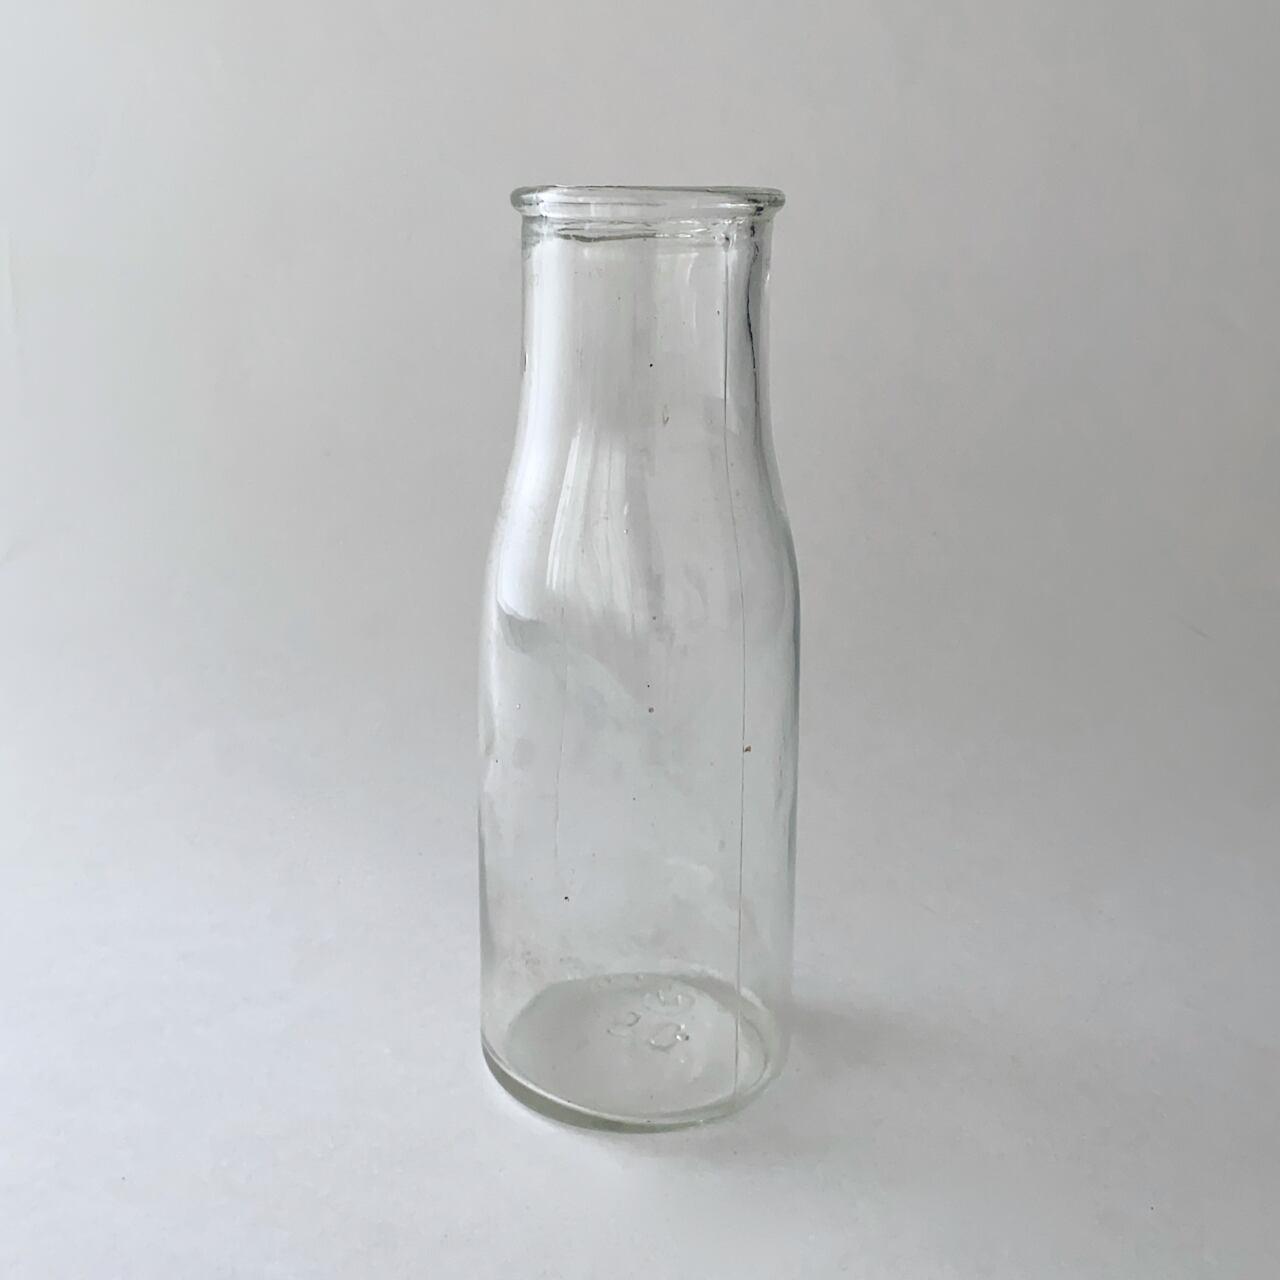 Thin Rim Milk Bottles  ヴィンテージのミルクボトル TR8